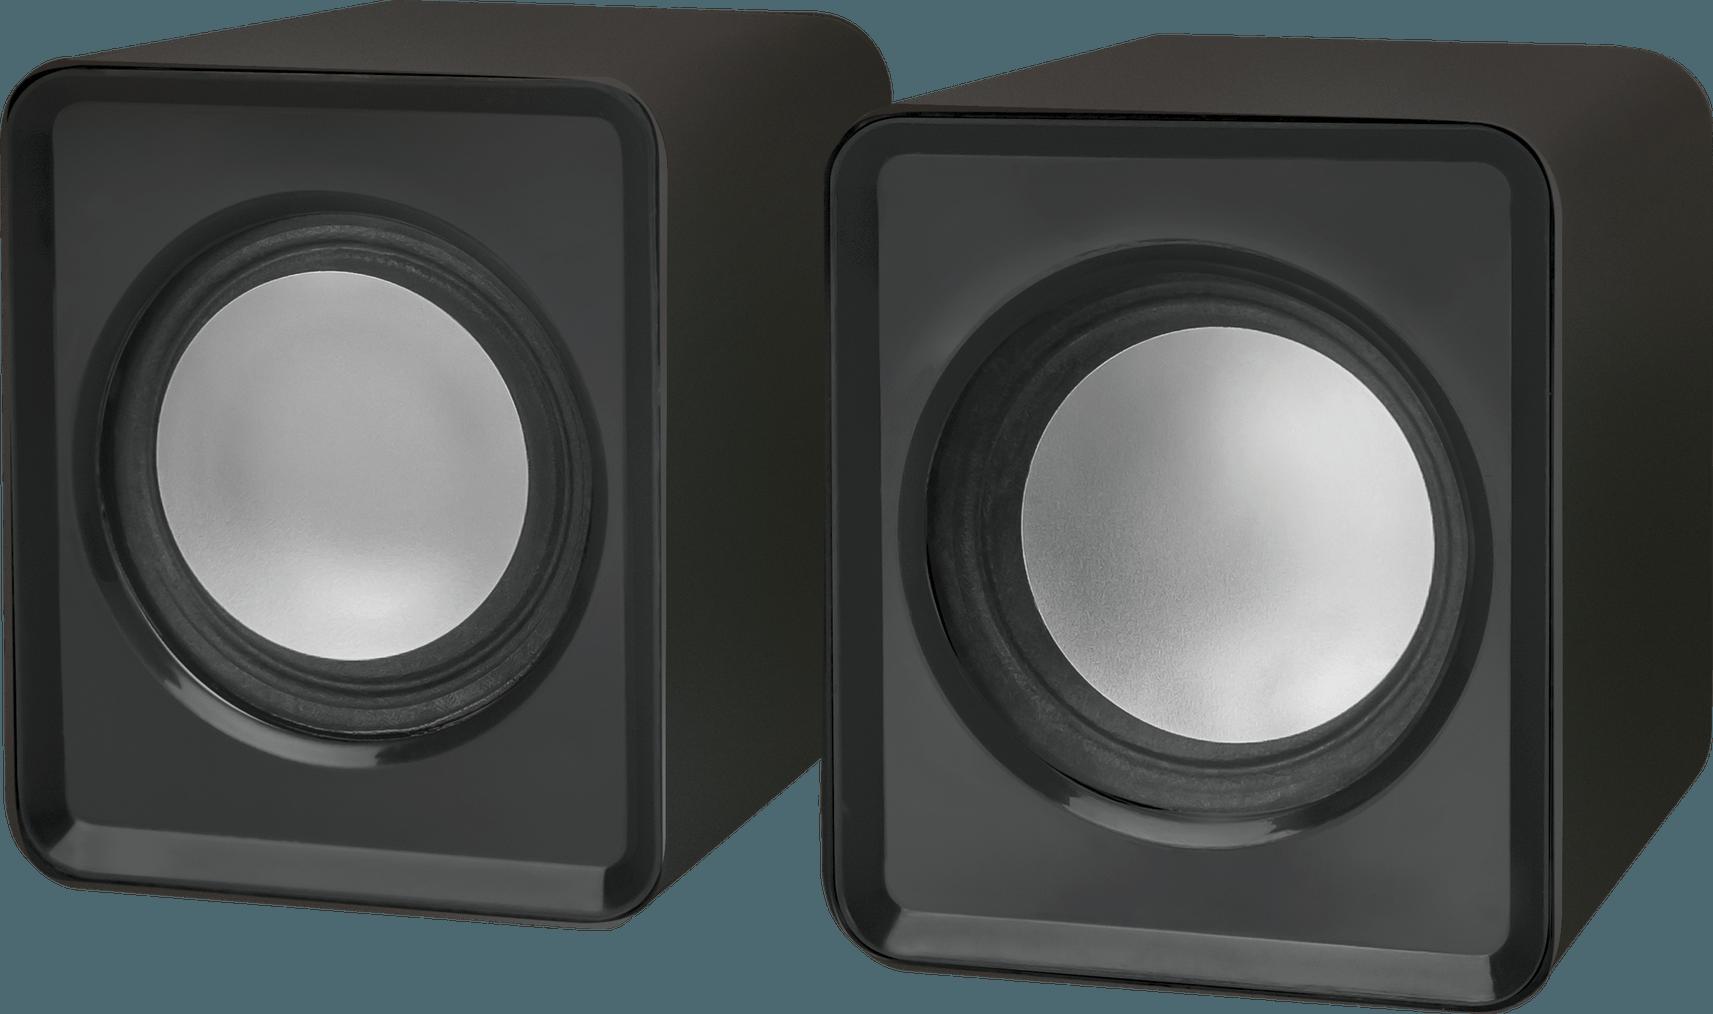 Компактная акустика 2.0 Defender SPK 22, фото 2